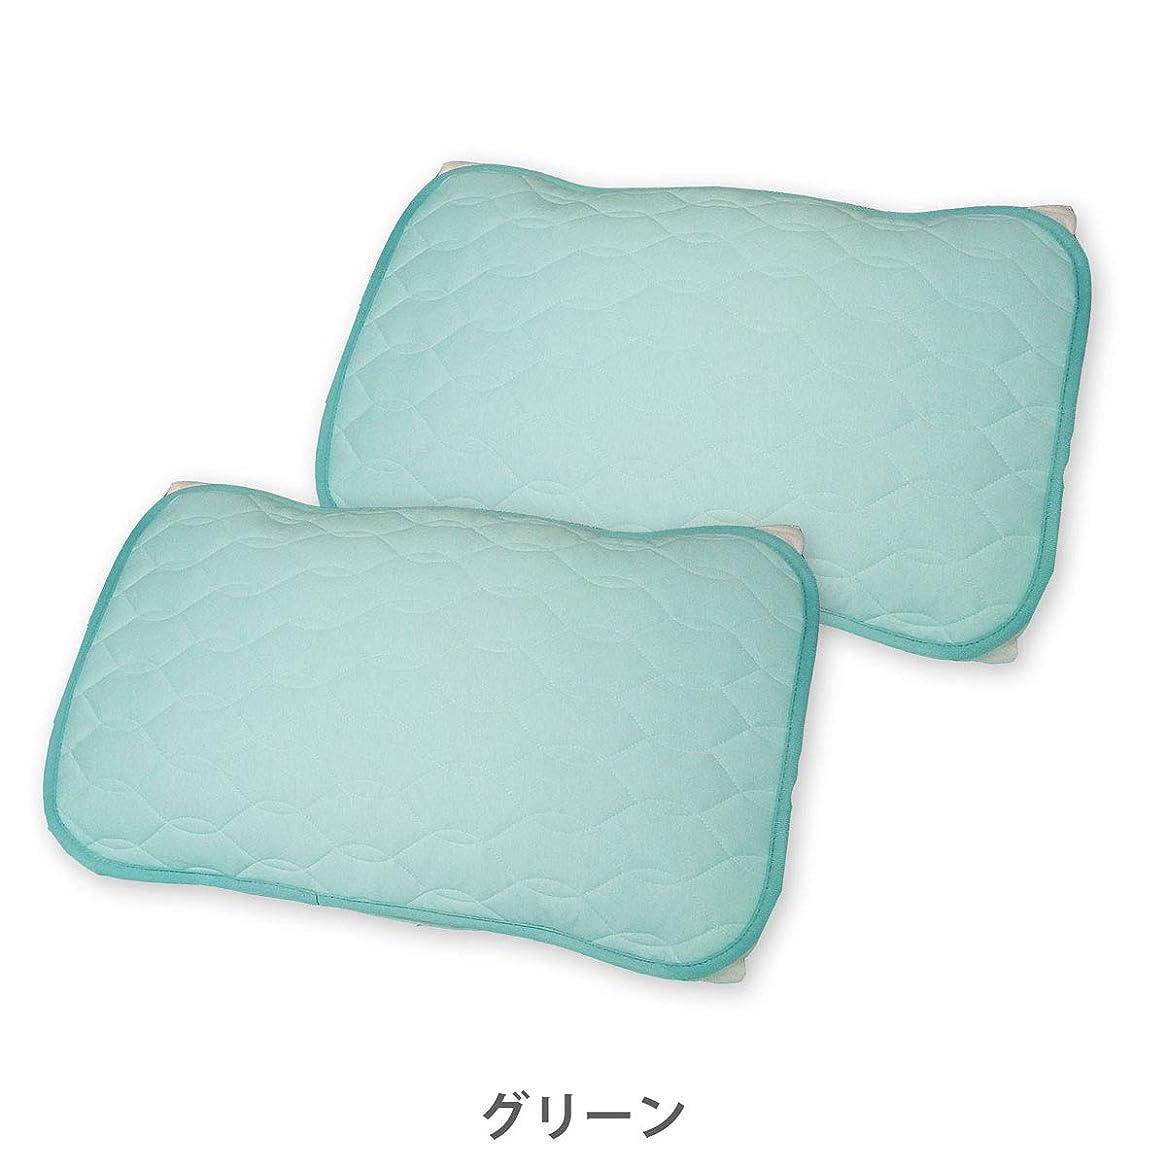 征服する模索突き刺すピロックシーズ (PILOX'S) コットンスムース除湿消臭枕パッド 2枚組 40x60cm